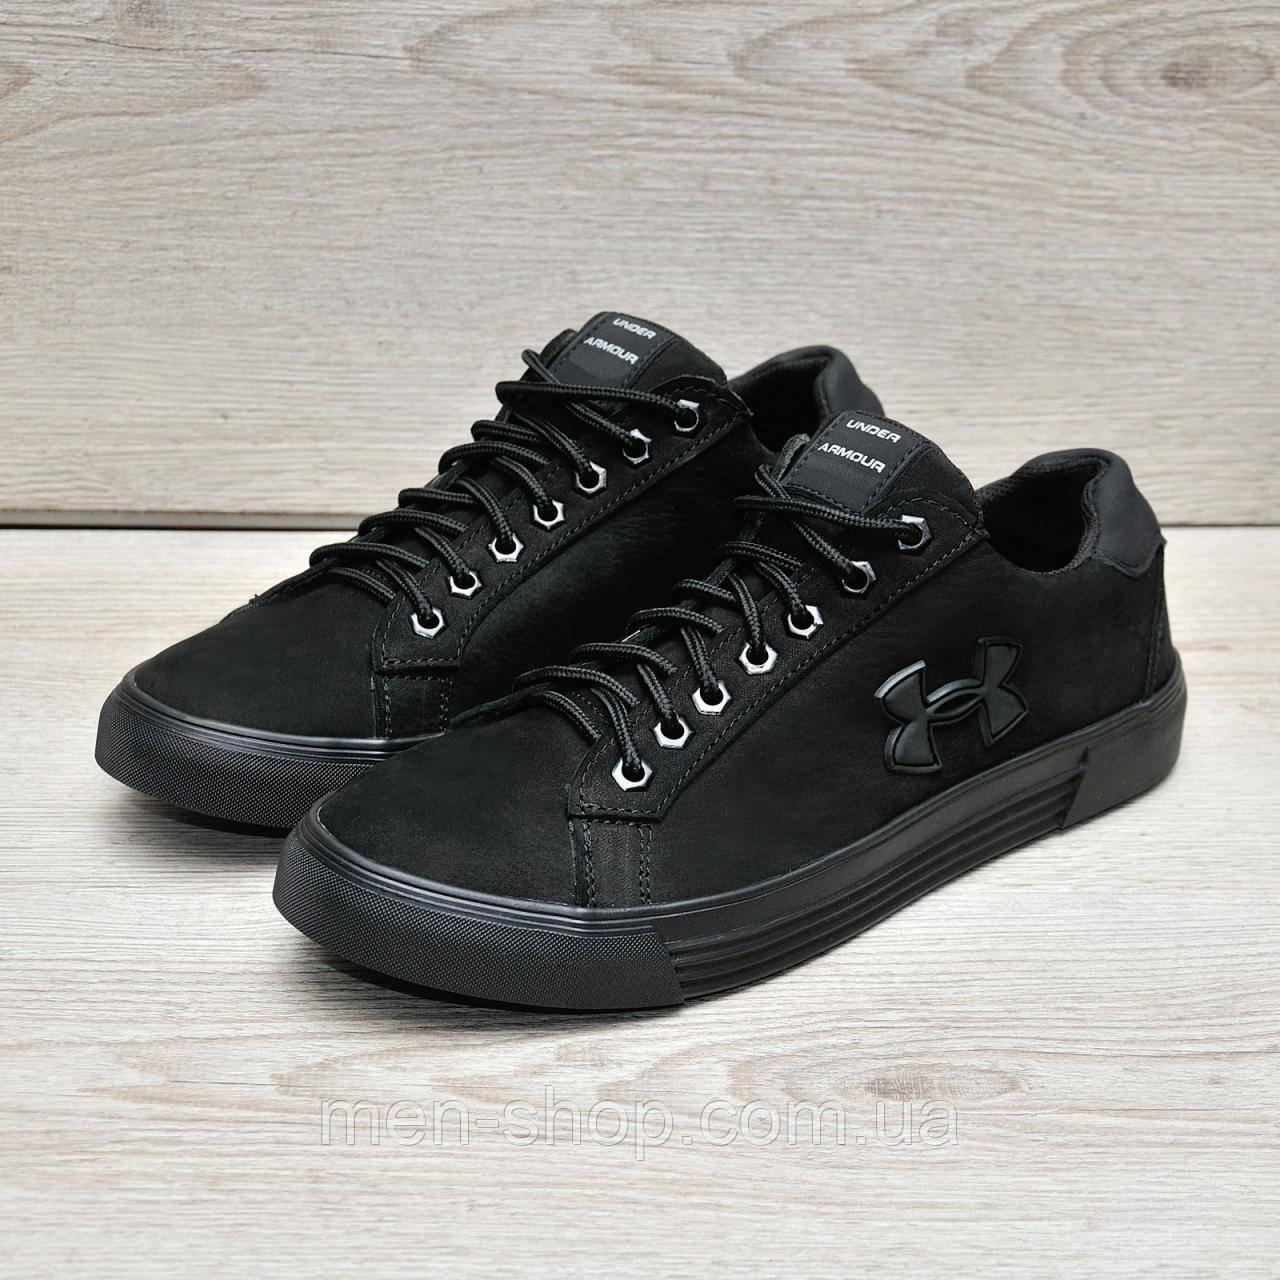 Кожаные туфли в стиле Under Urmour 45